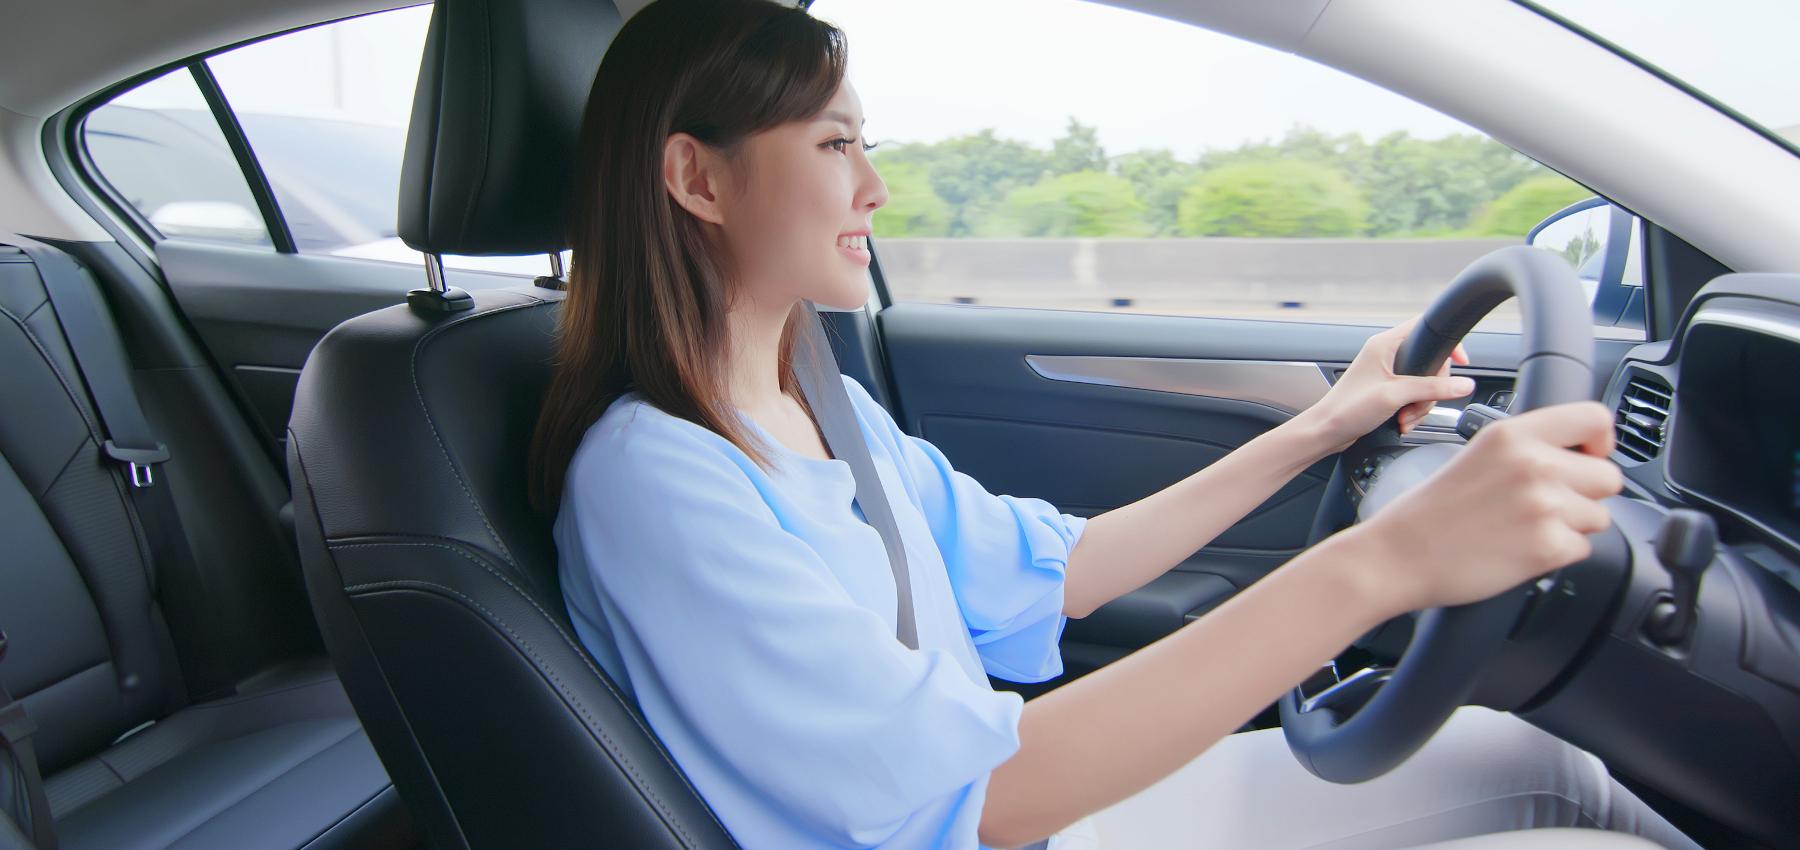 Driving License Alberta